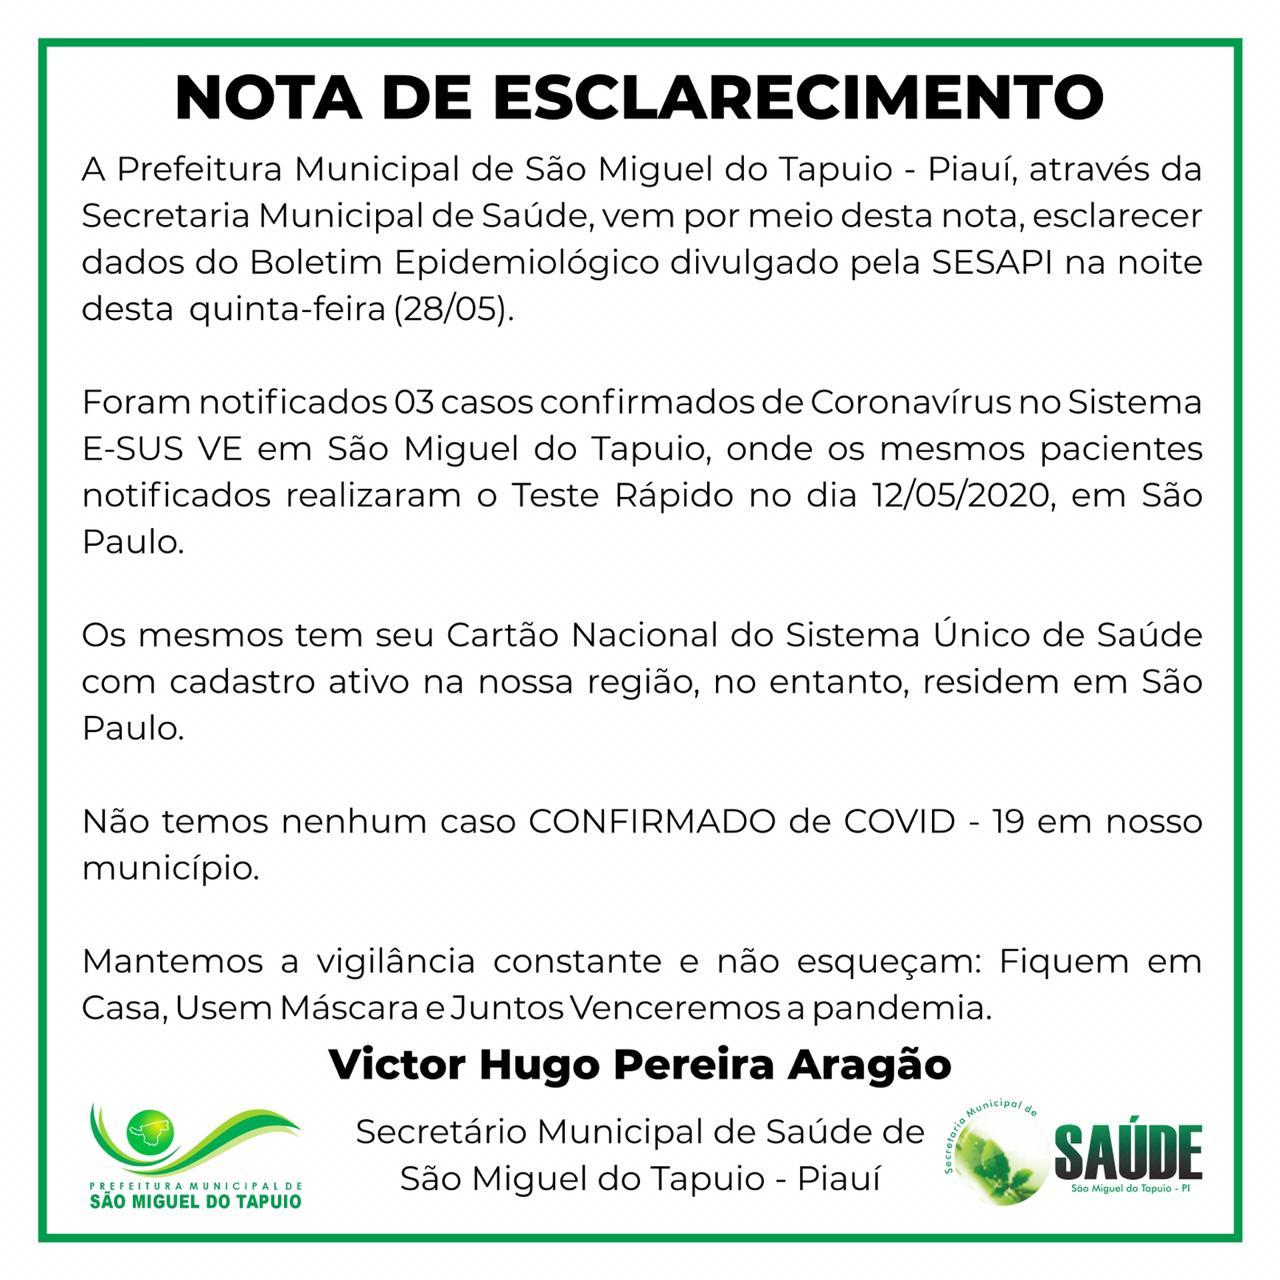 Secretaria diz que não há casos de Covid-19 em São Miguel do Tapuio - Imagem 1